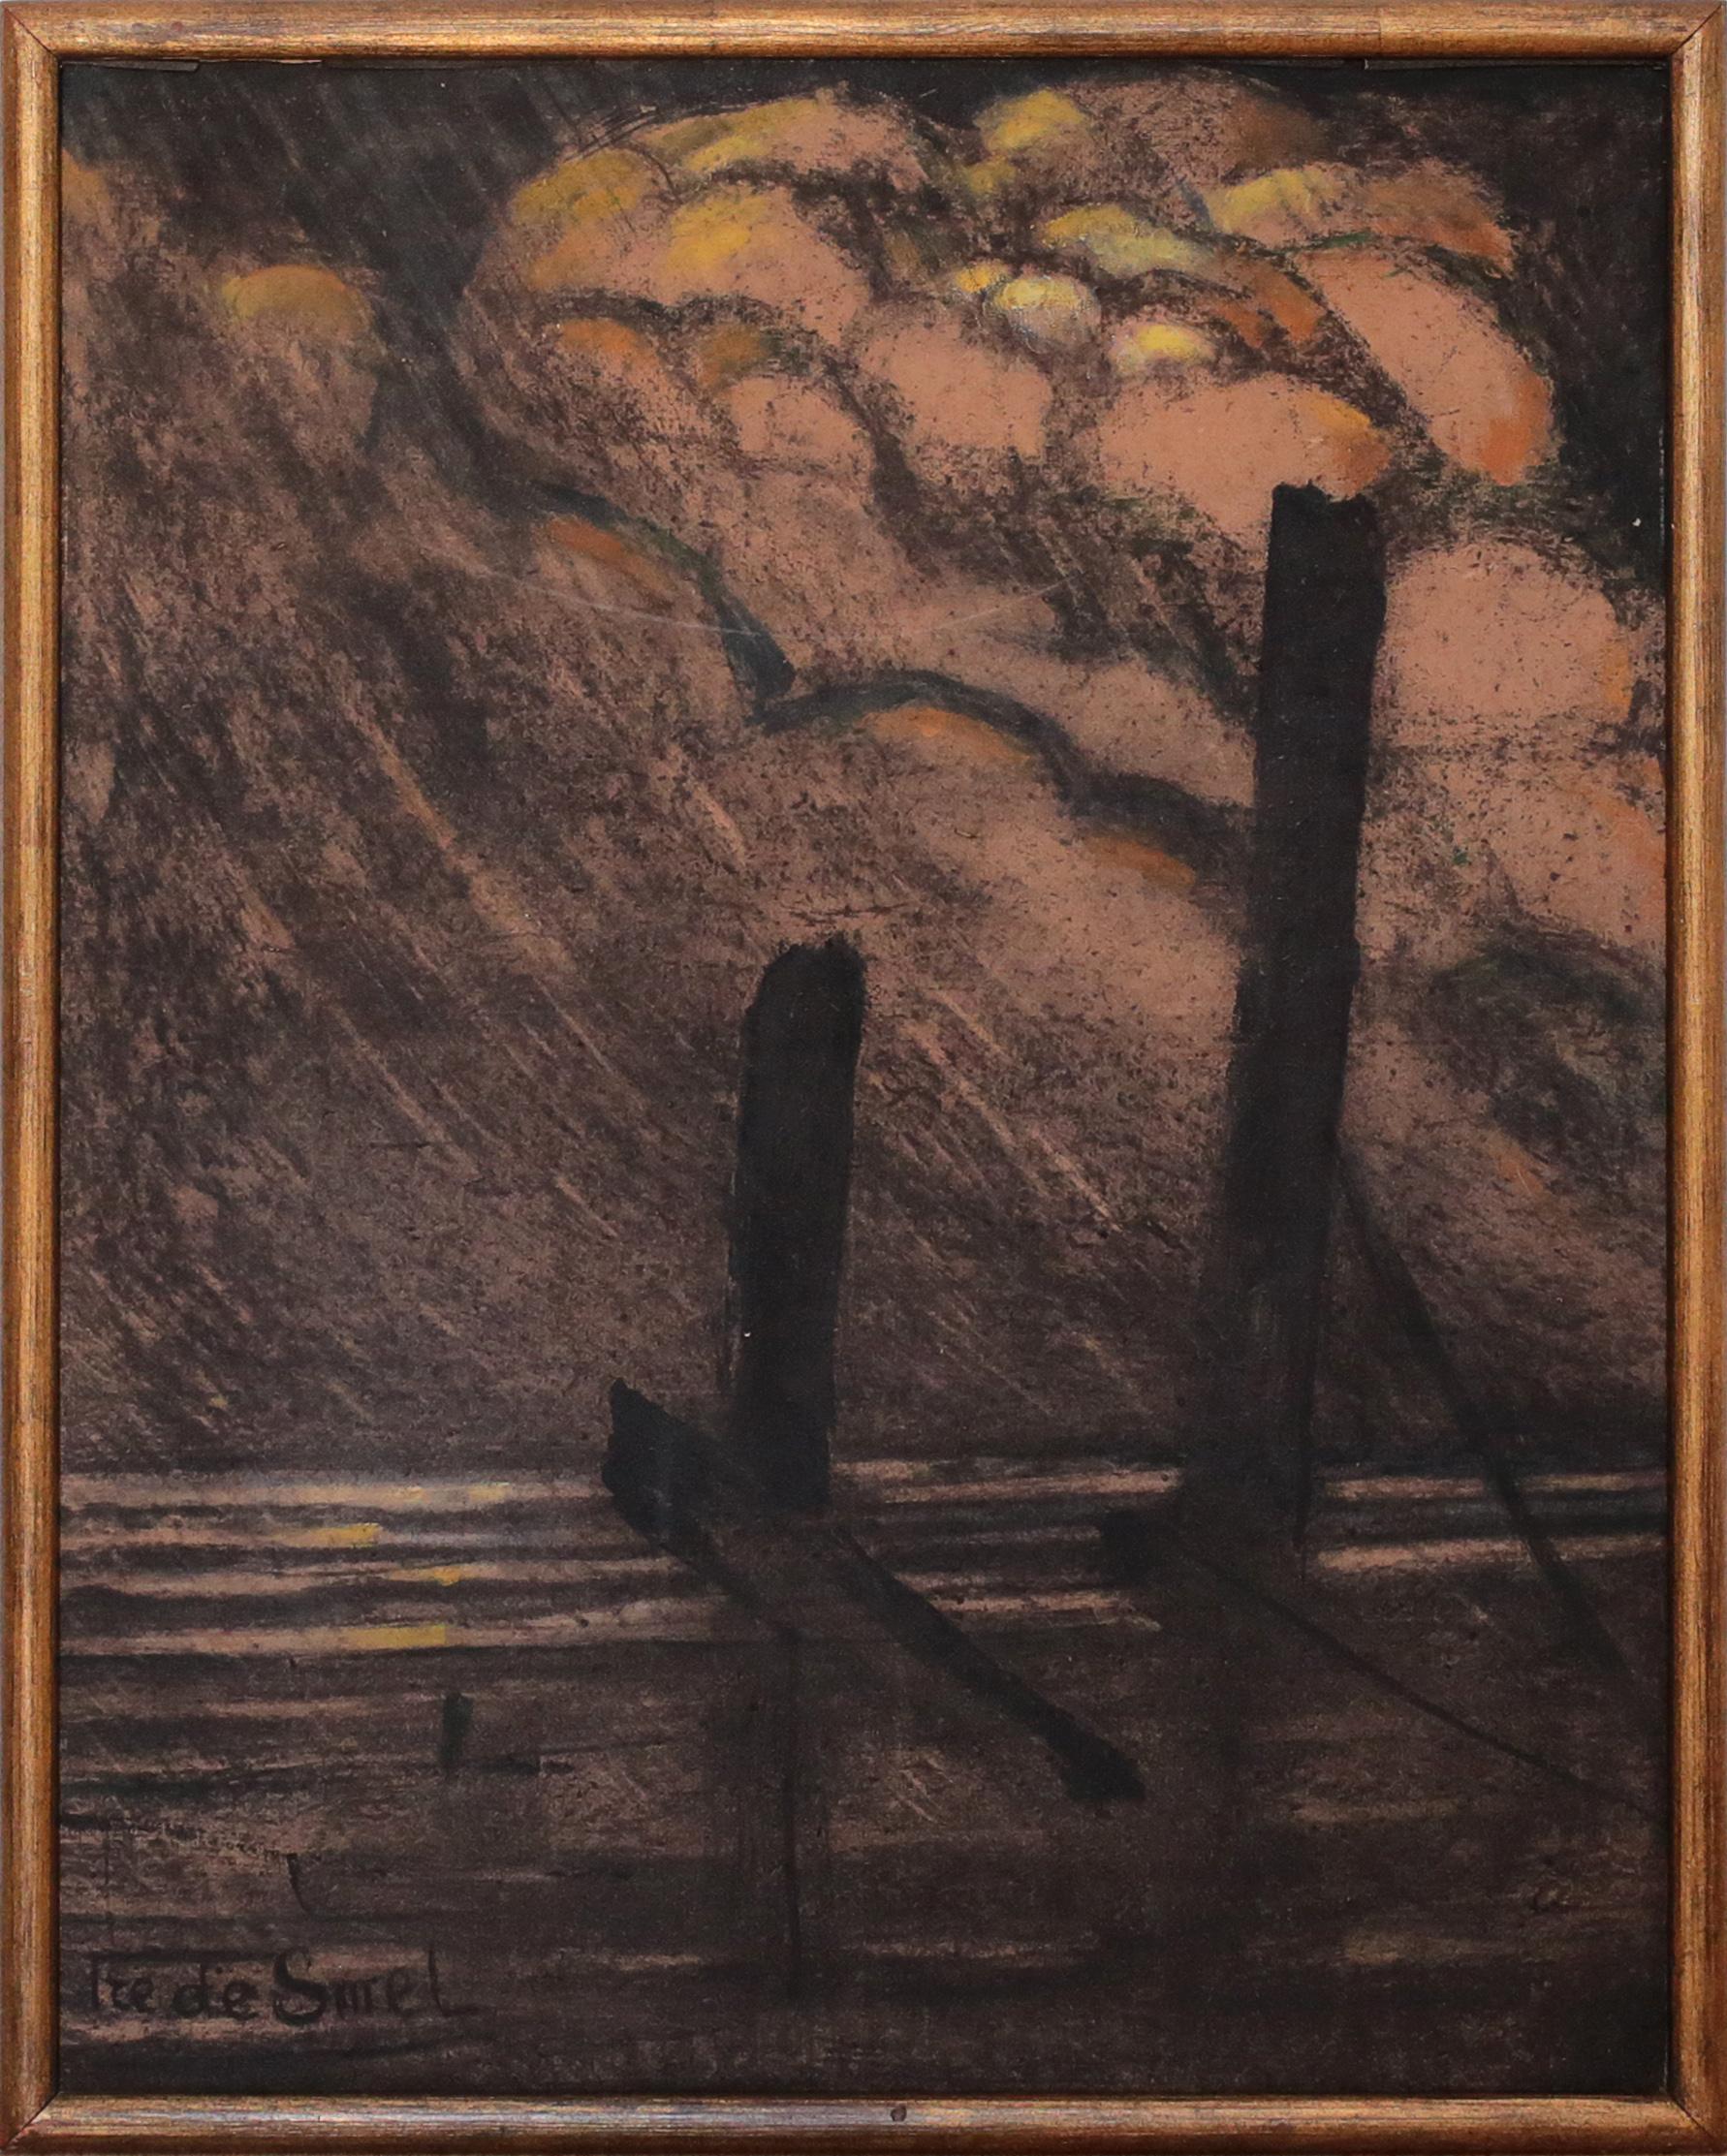 De Smet Frederic - Aan de haven - Gent - front